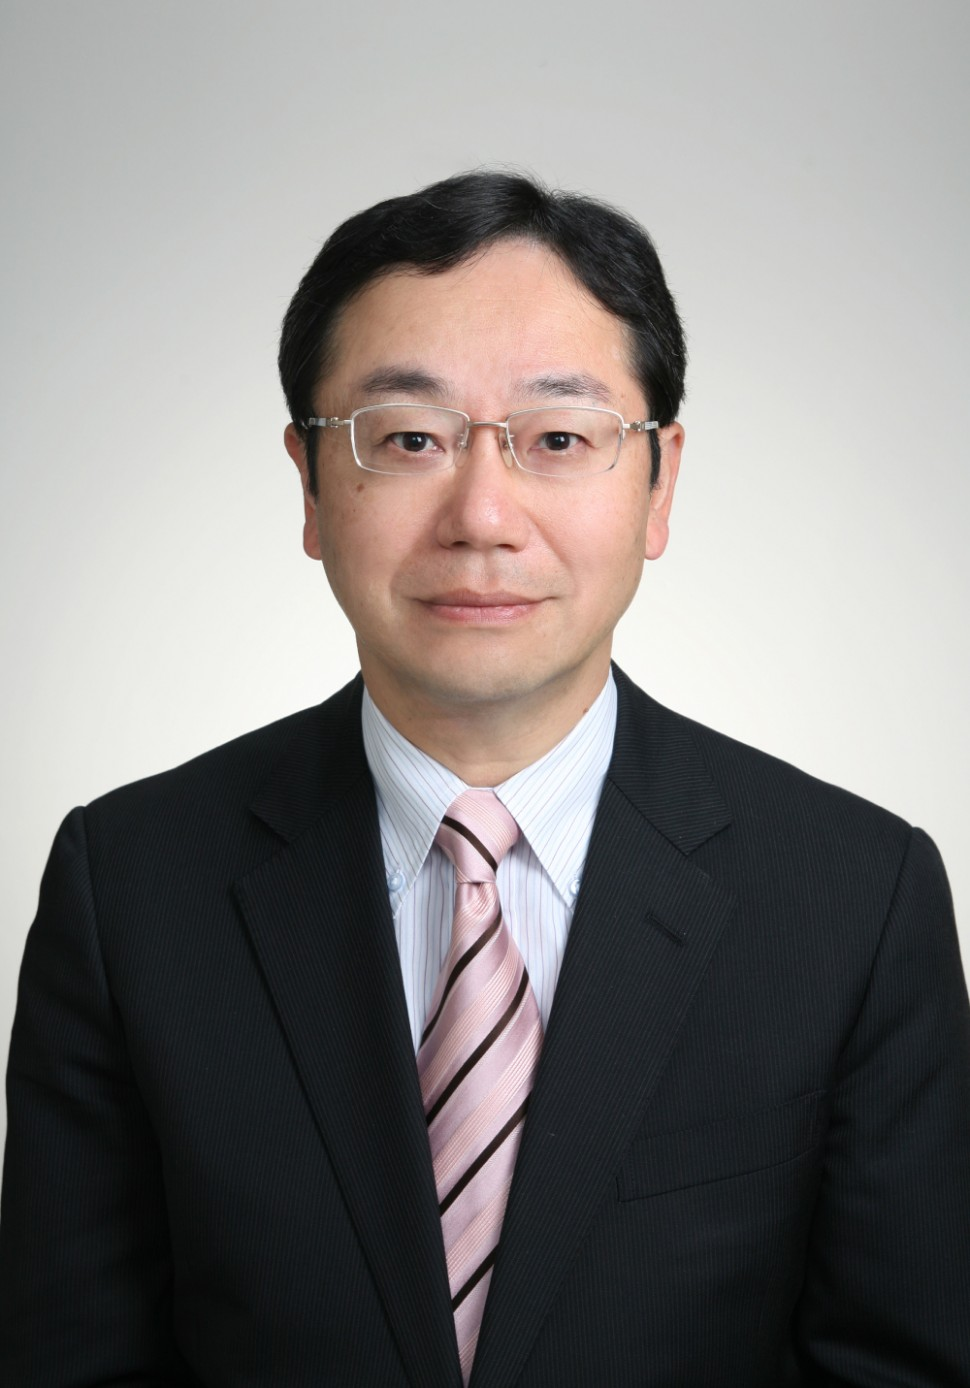 社長に就任する山本学取締役専務執行役員